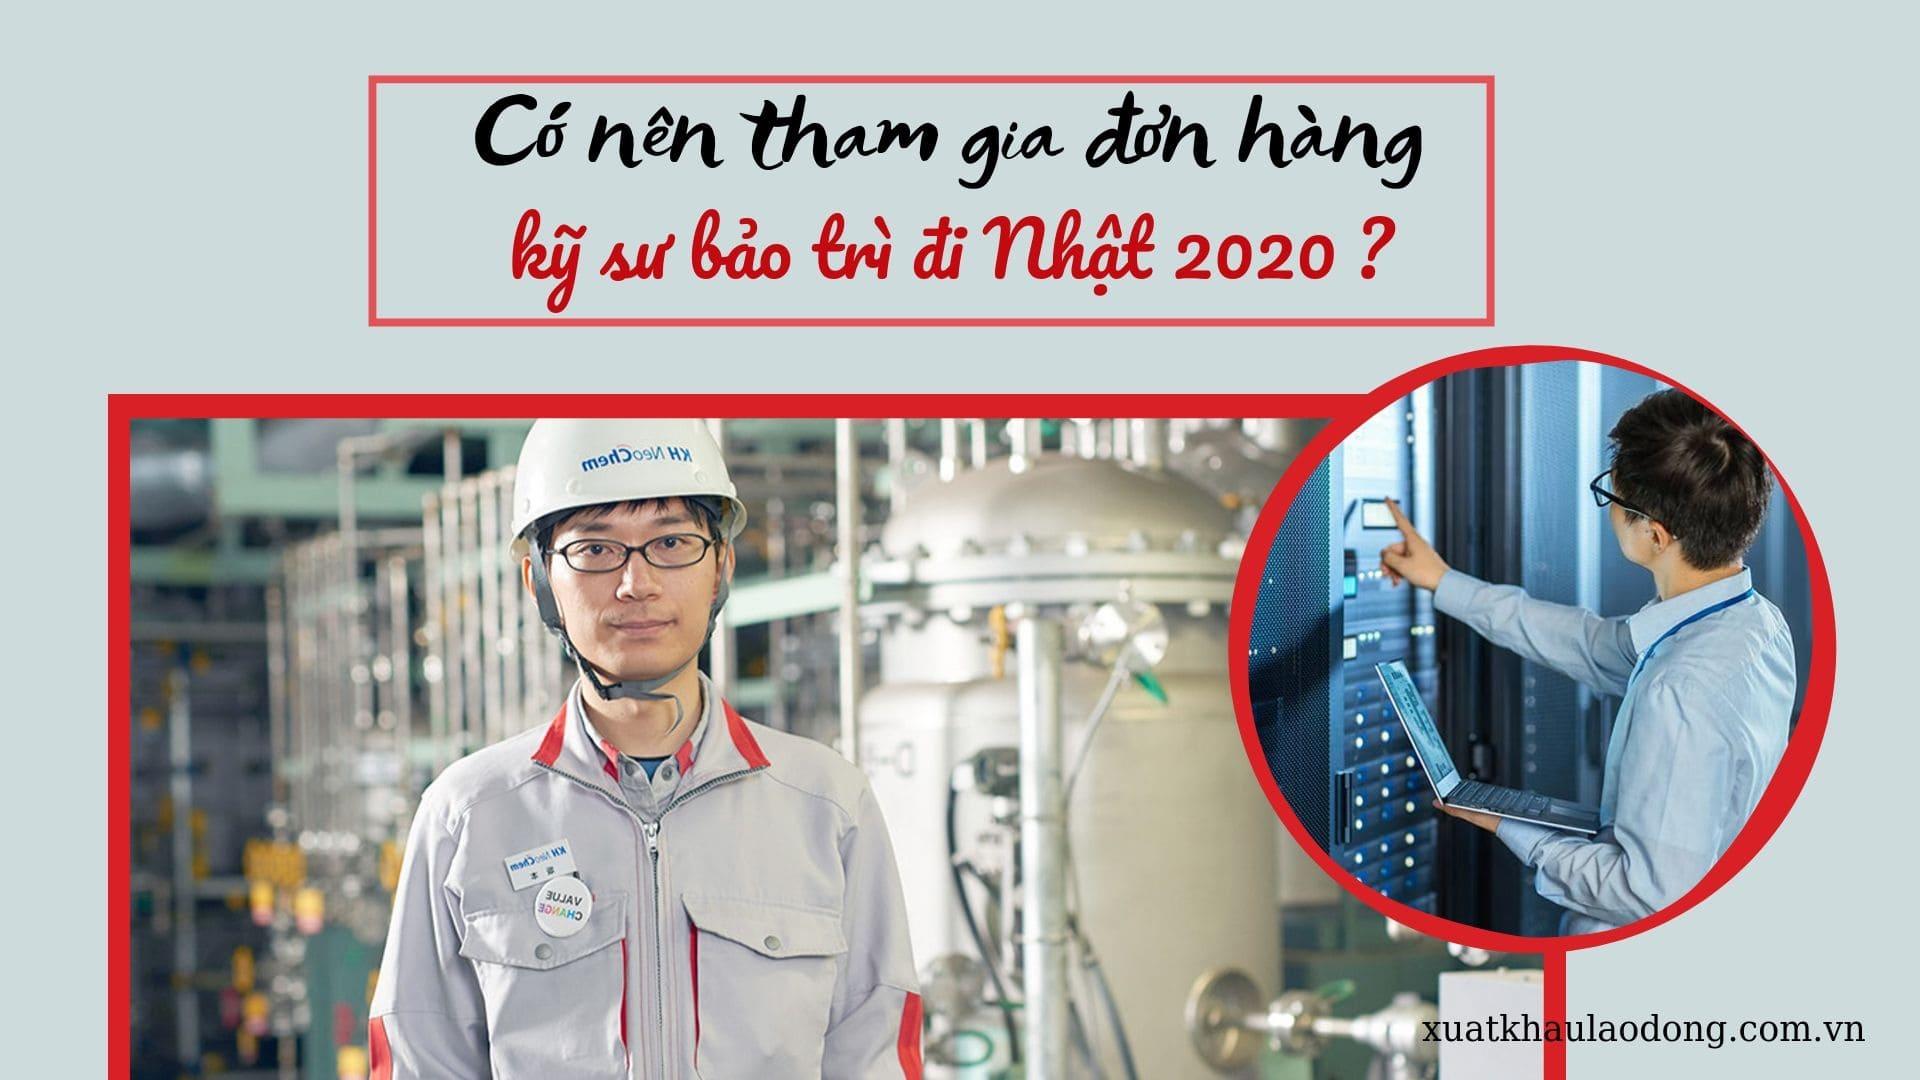 Có nên tham gia đơn hàng kỹ sư bảo trì đi Nhật 2021 không?